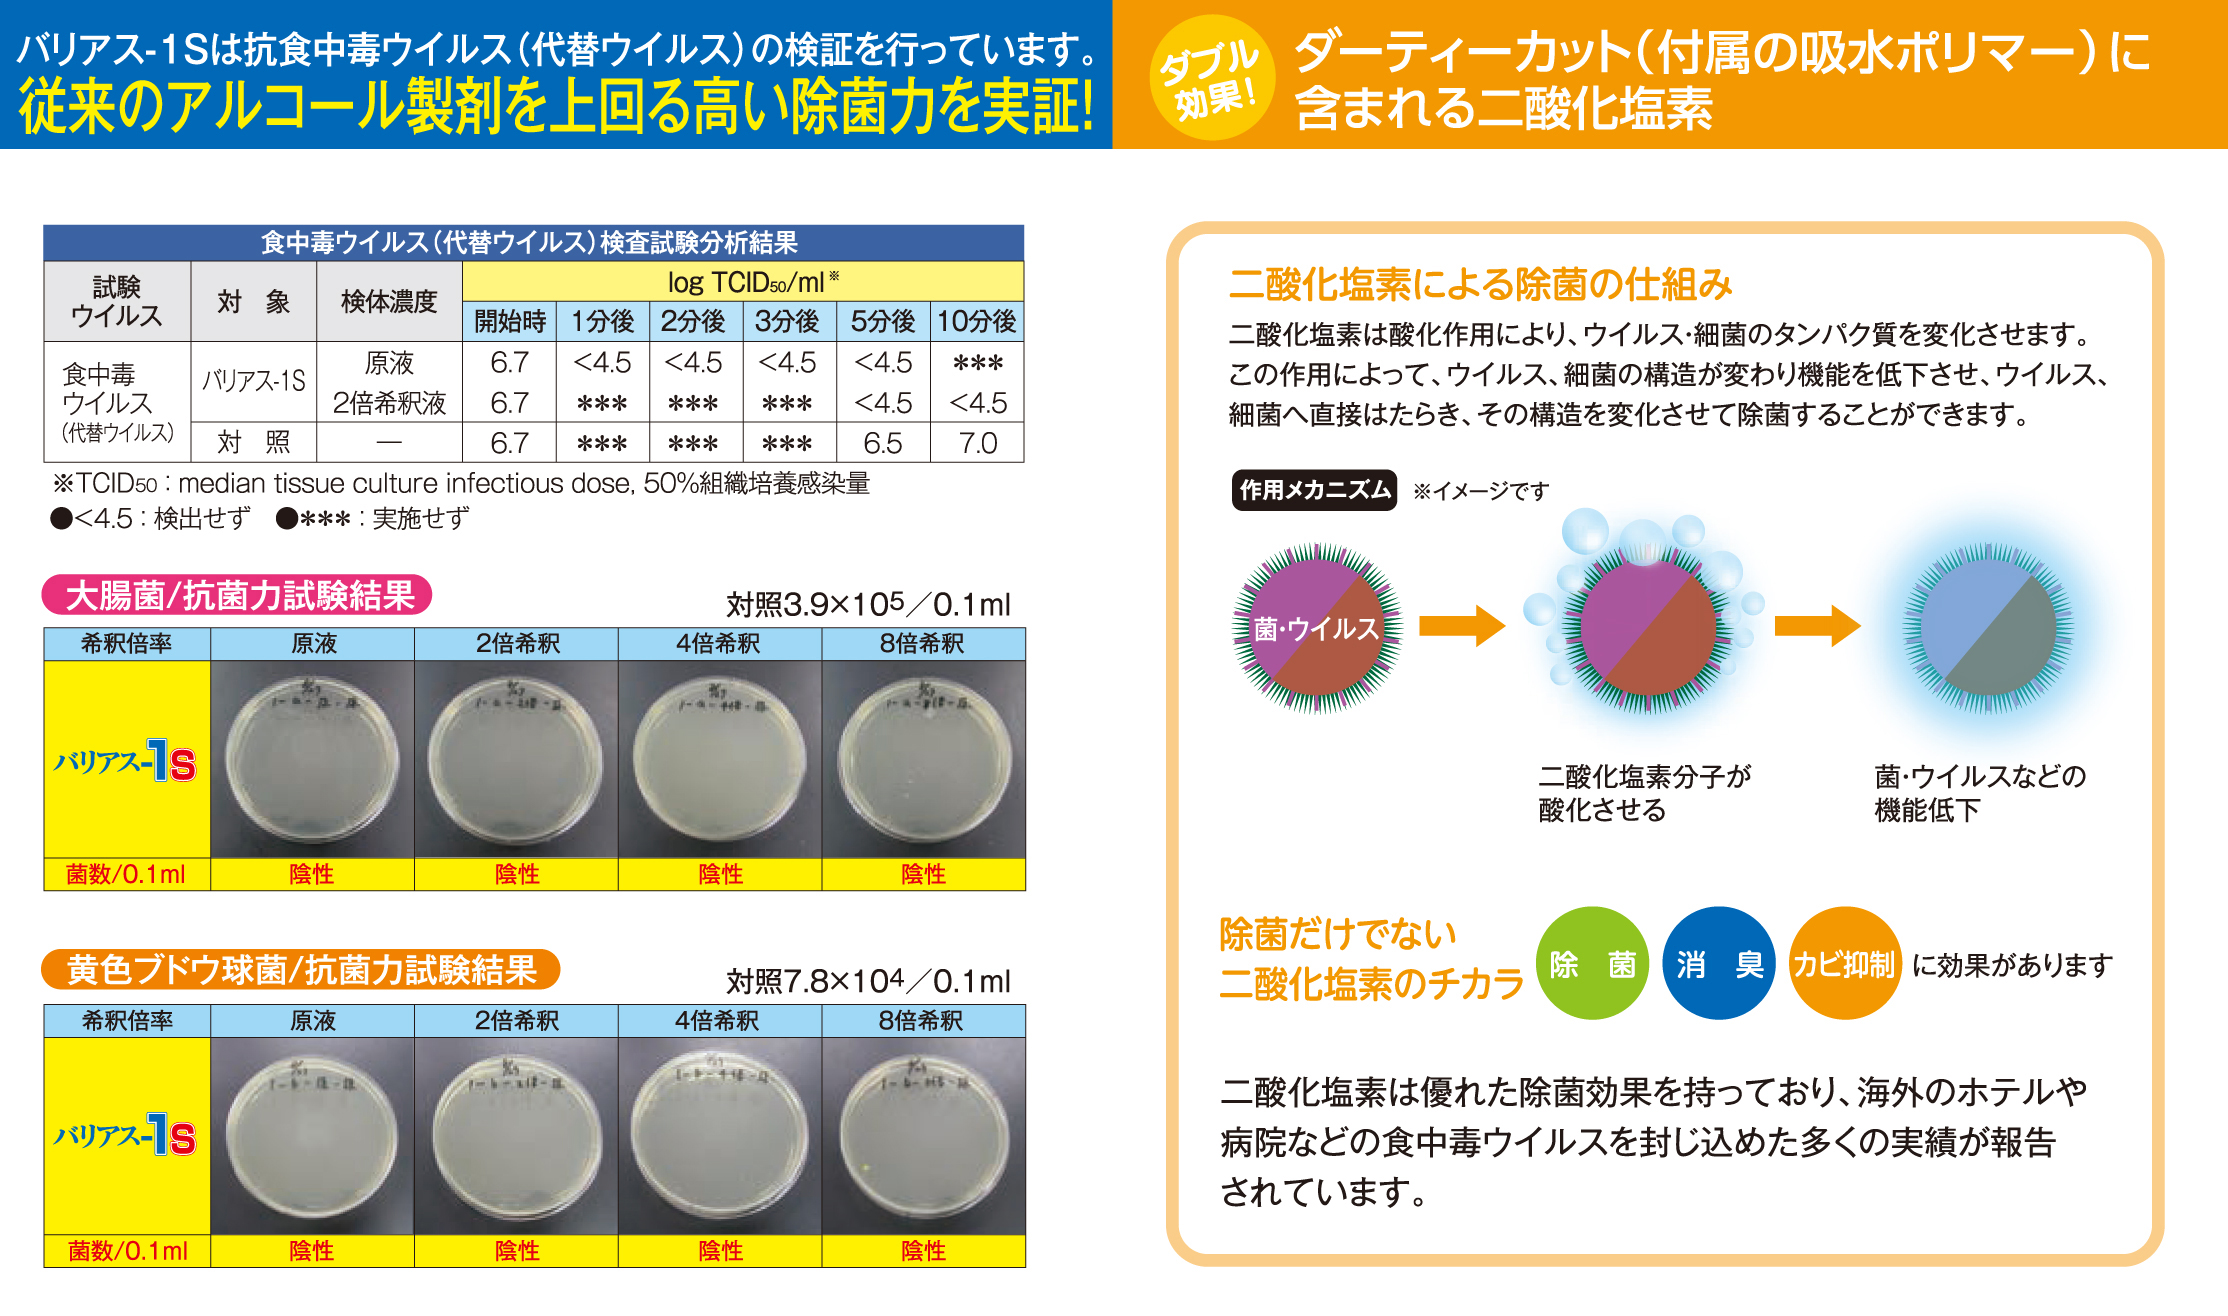 試験分析結果 食品添加物 除菌剤「バリアス-1S」説明